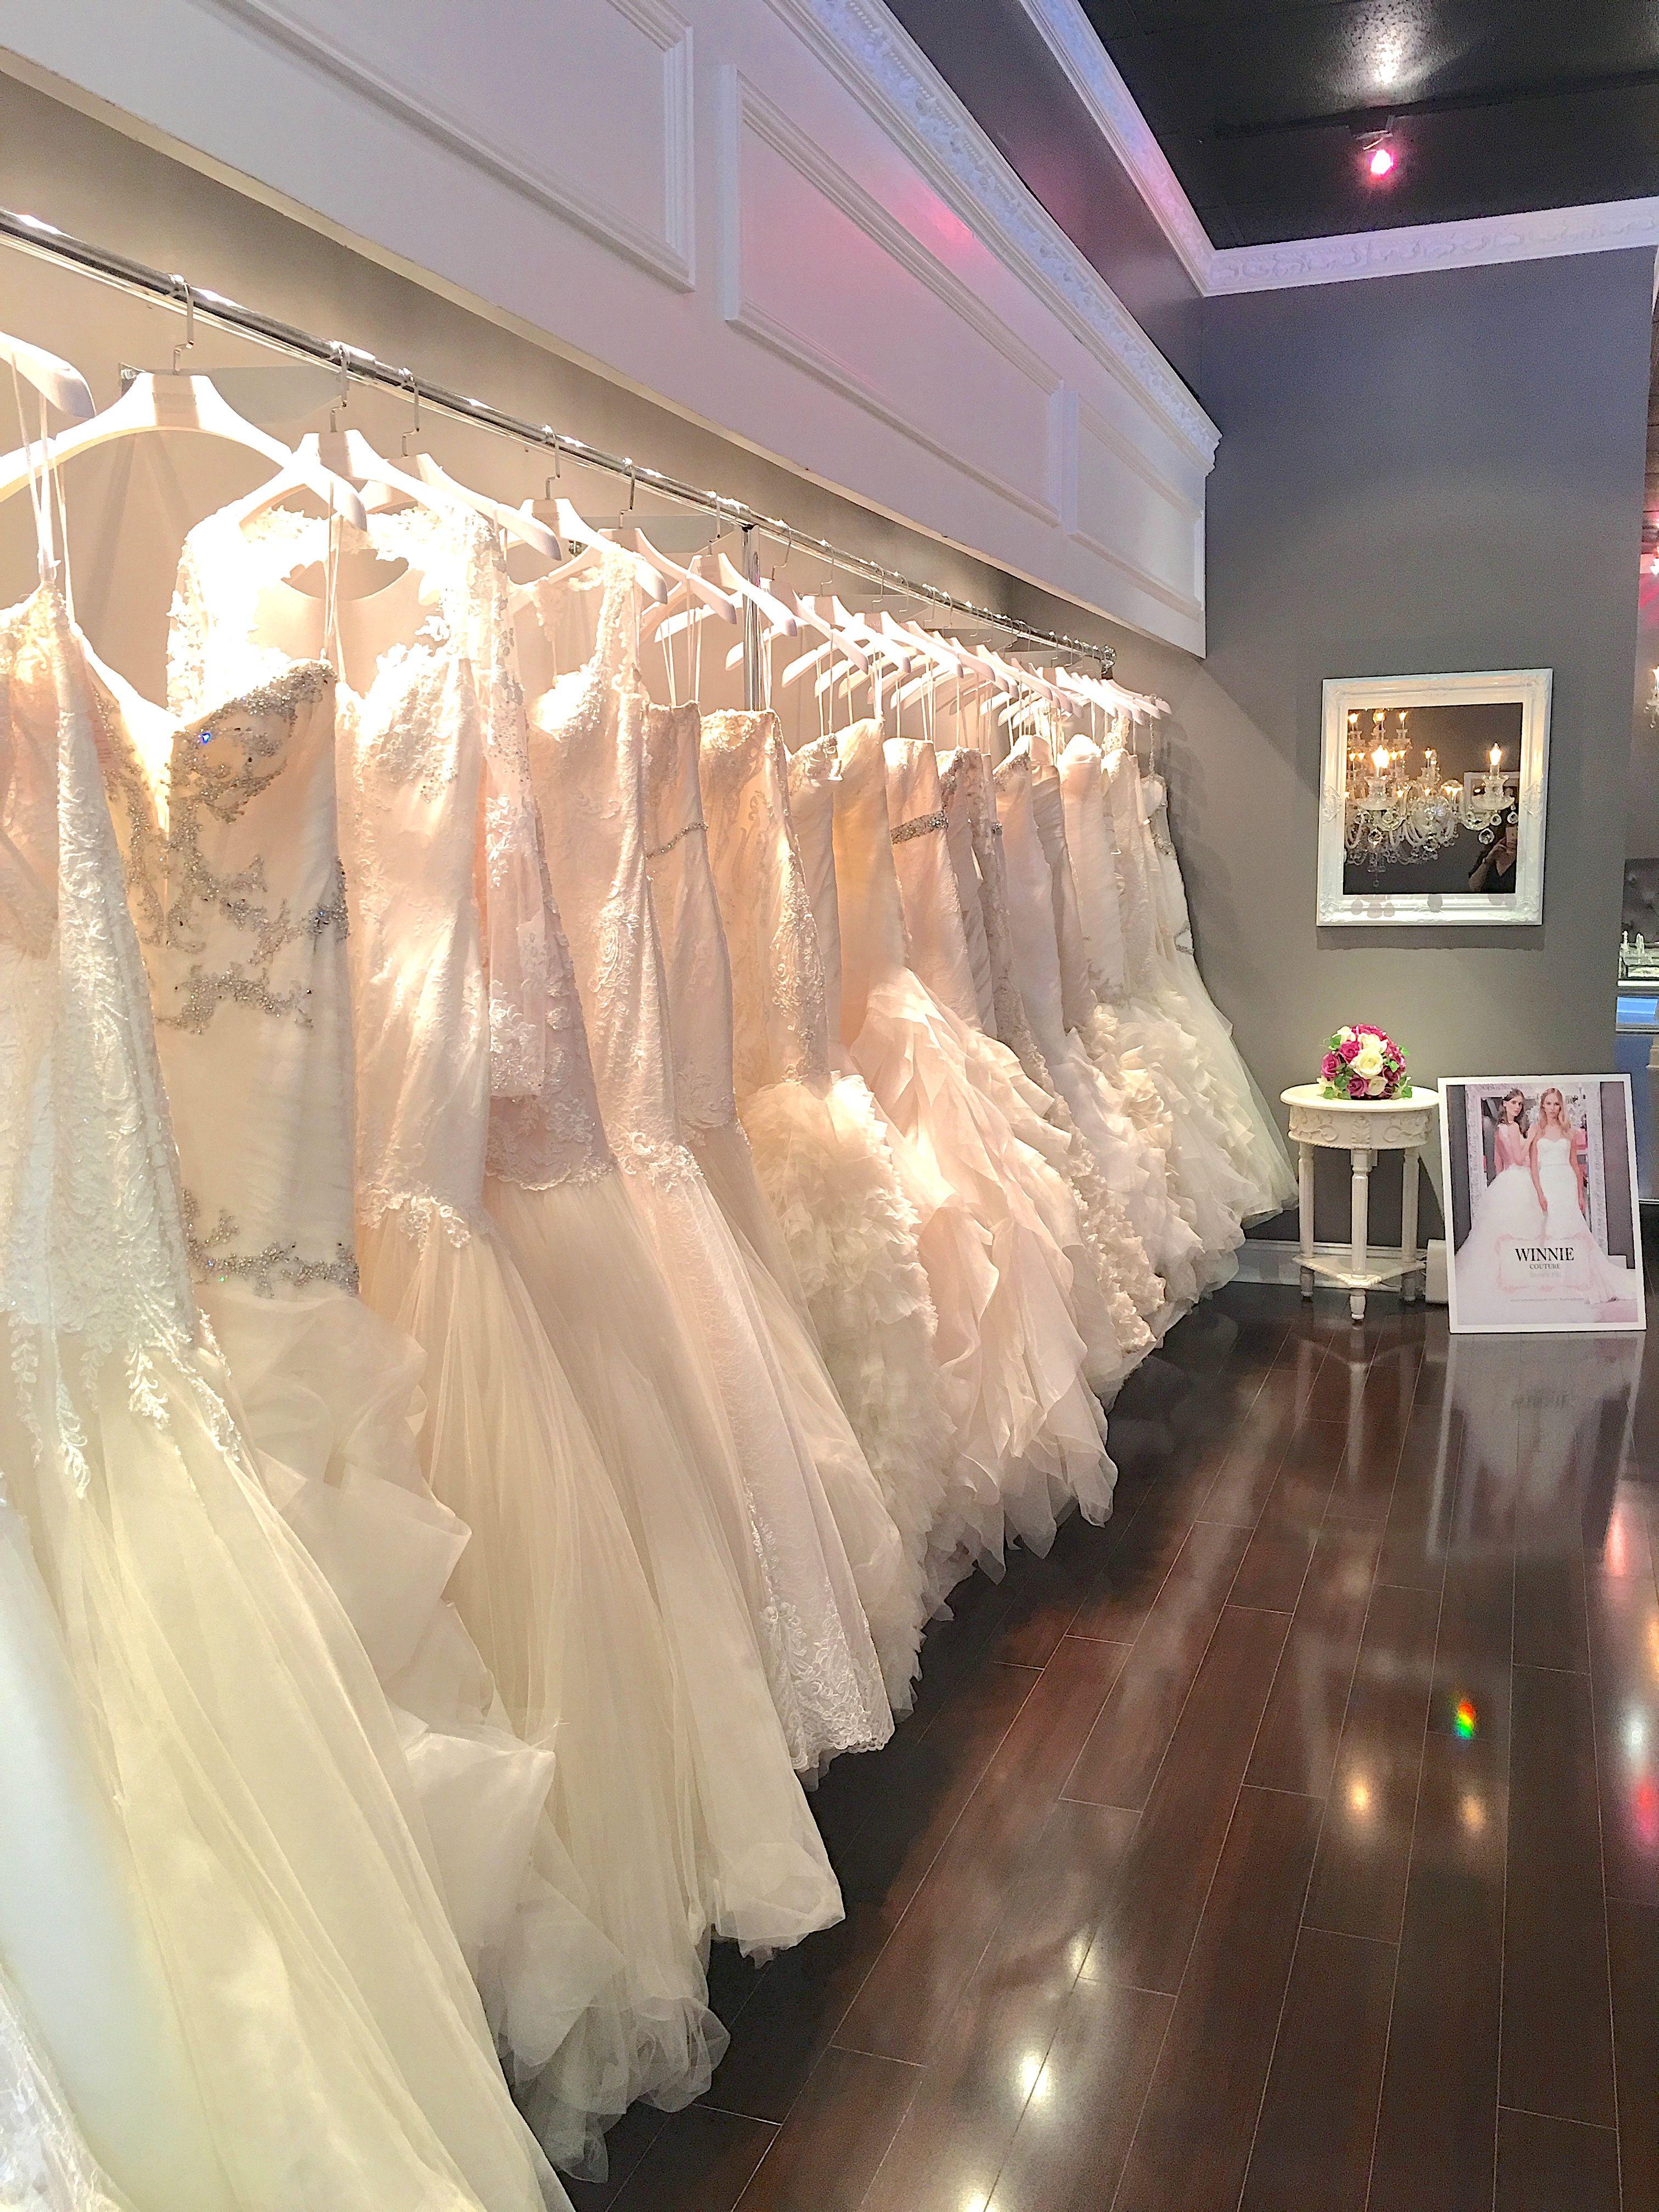 Atlanta Wedding Dress Gowns Bridal Shop Winnie Couture Wedding Dresses Atlanta Wedding Dresses Bridal Shop